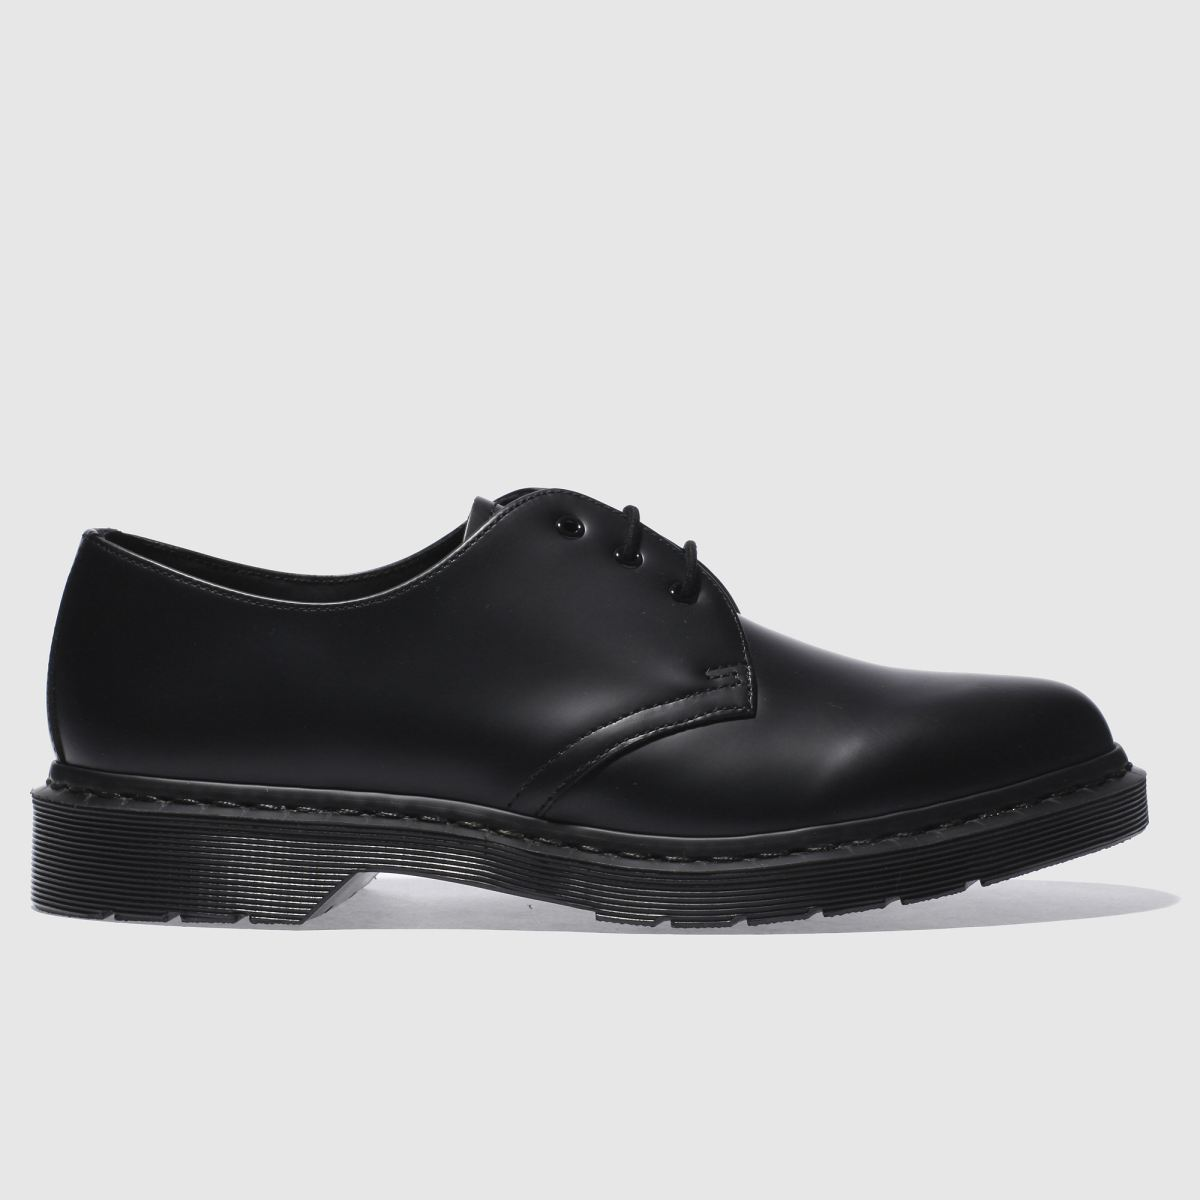 Dr Martens Black 1461 Mono Shoes